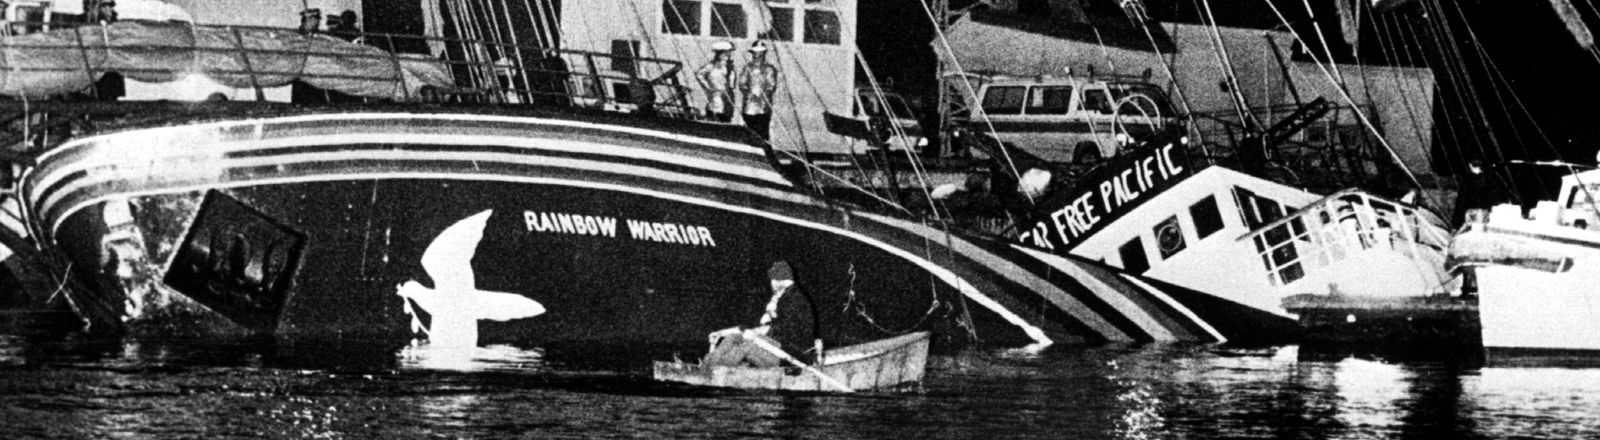 """Das nach einer Explosion am 10. Juli 1985 im Hafen von Auckland (Neuseeland) gesunkene Greenpeace-Schiff """"Rainbow Warrior"""" wird am 21. August 1985 von der neuseeländischen Marine gehoben. Das Schiff, mit dem die Umweltschutzorganisation Greenpeace gegen die französischen Atombombenversuche auf dem Mururoa-Atoll protestiert werden wollte, wurde nach späteren Erkenntnissen von zwei französischen Geheimagenten versenkt. Ein portugiesischer Fotograf kam bei dem Anschlag ums Leben."""